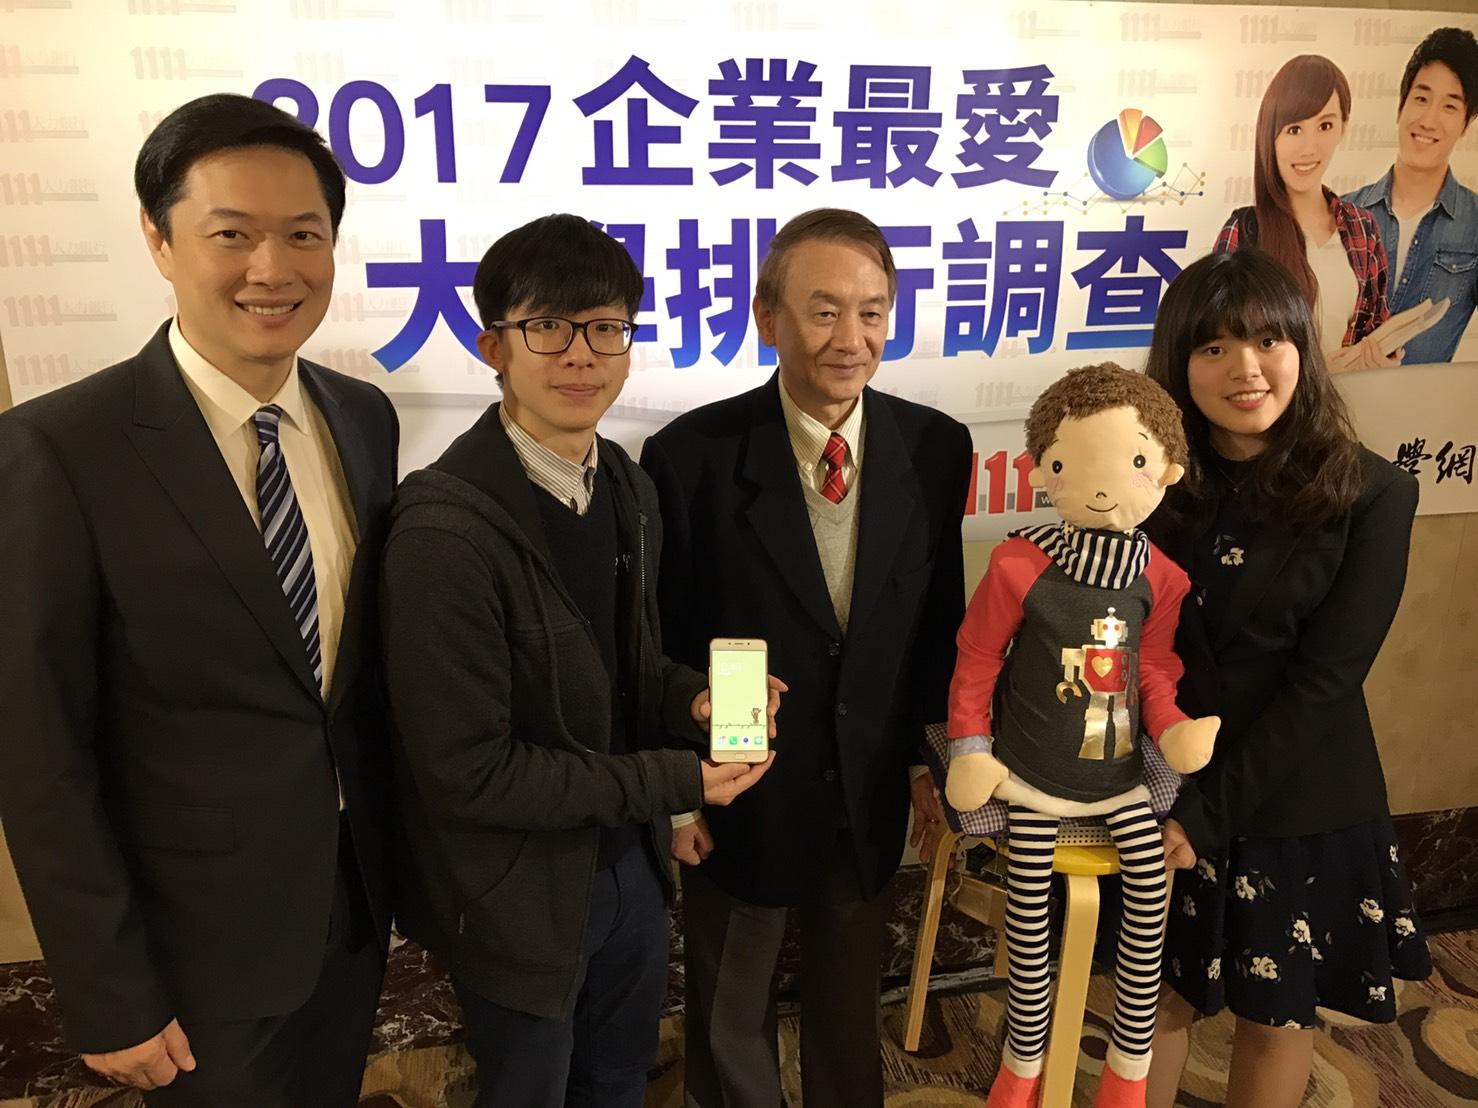 2017企業最愛大學 中原大學榮獲第一